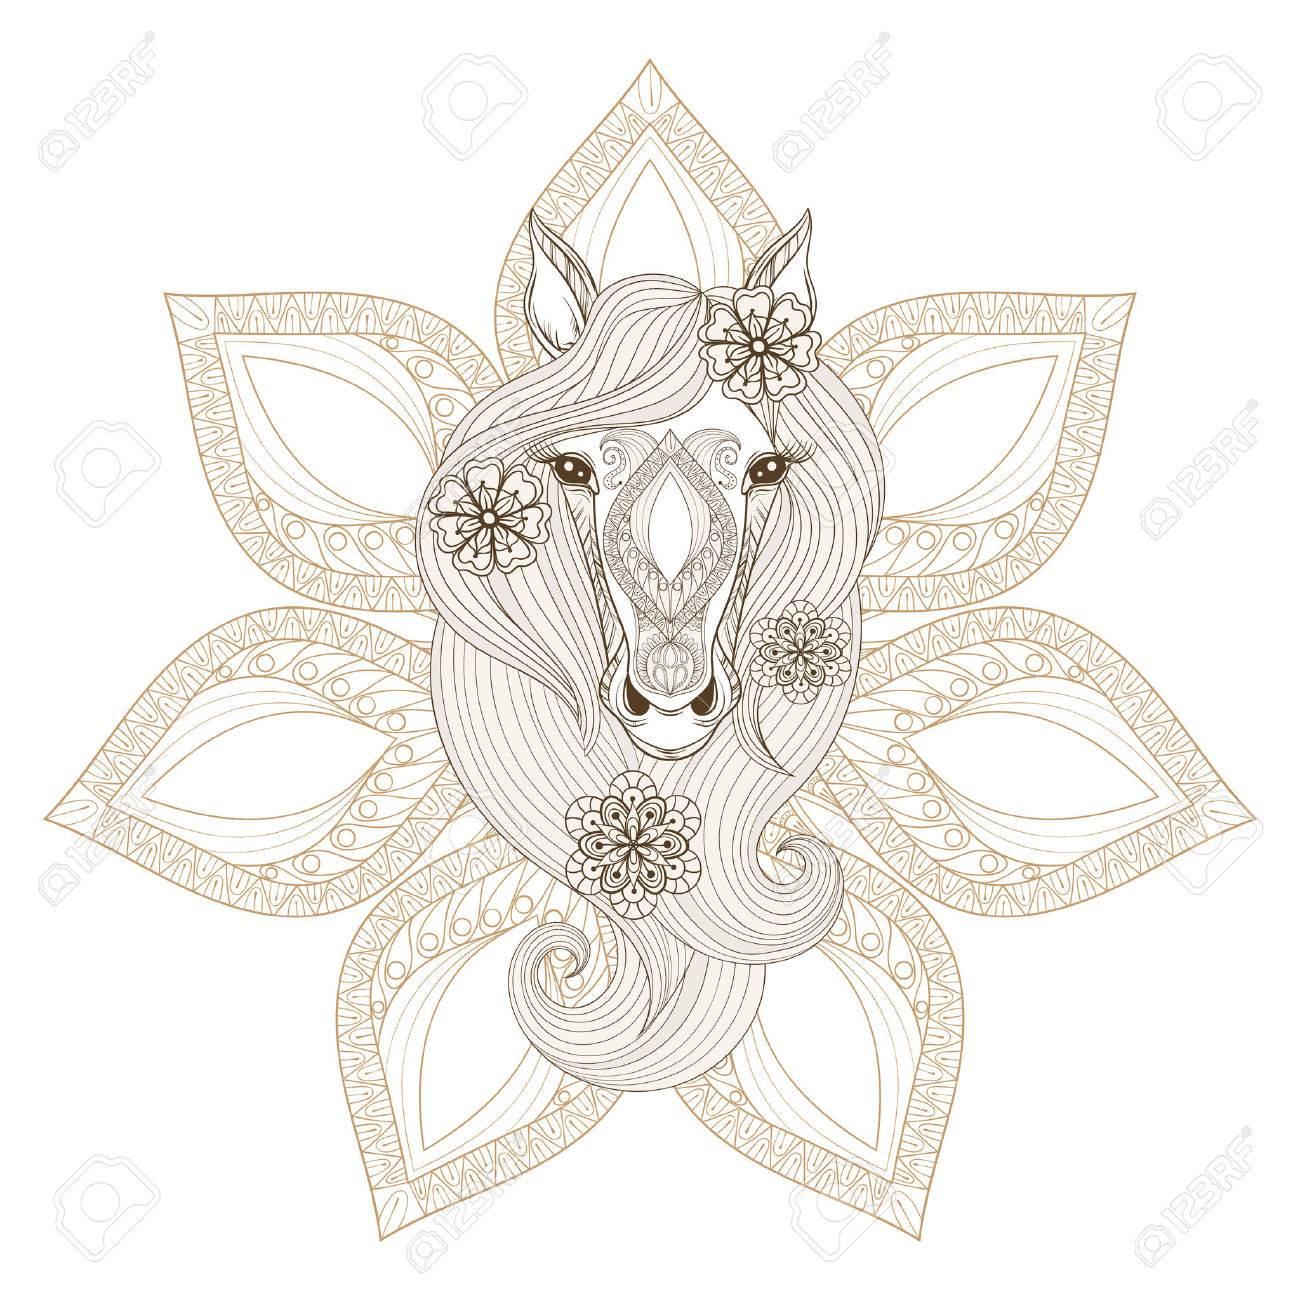 Cheval Vector. Coloriage Avec Le Visage De Cheval Sur Mandala Fond. Hand  Drawn Modelée Cheval Avec Des Fleurs Dans Les Cheveux, Artistiquement  Cheval destiné Visage À Colorier